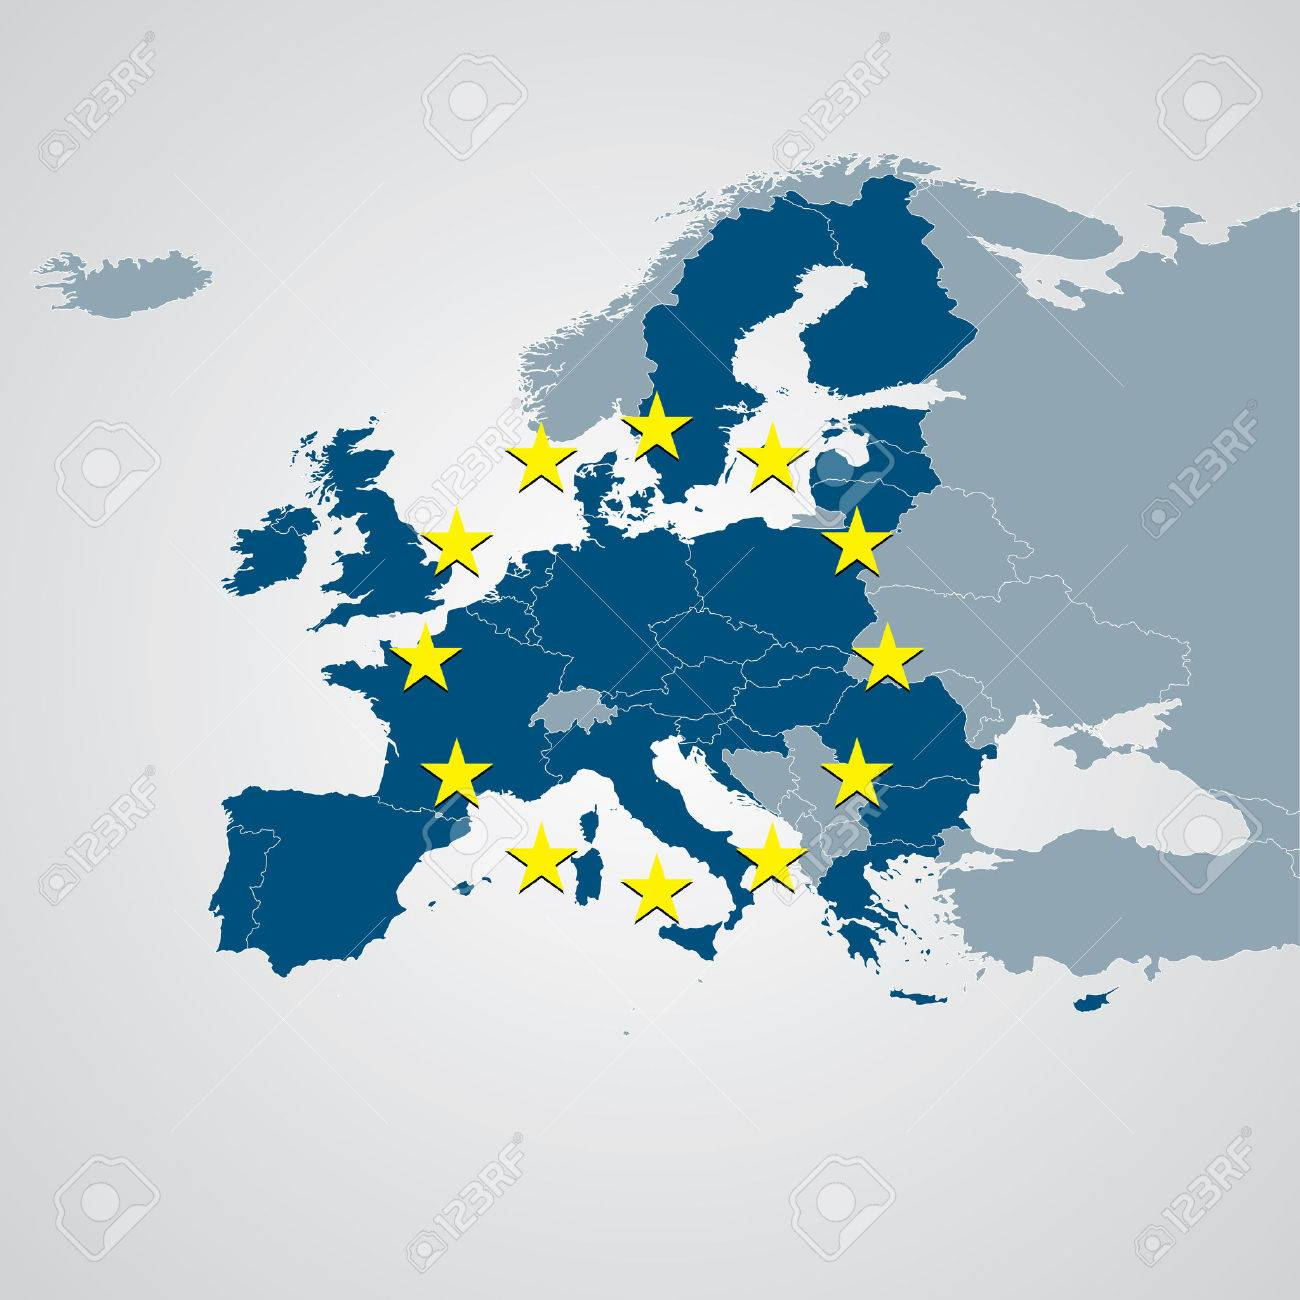 Europe Map - 39081728